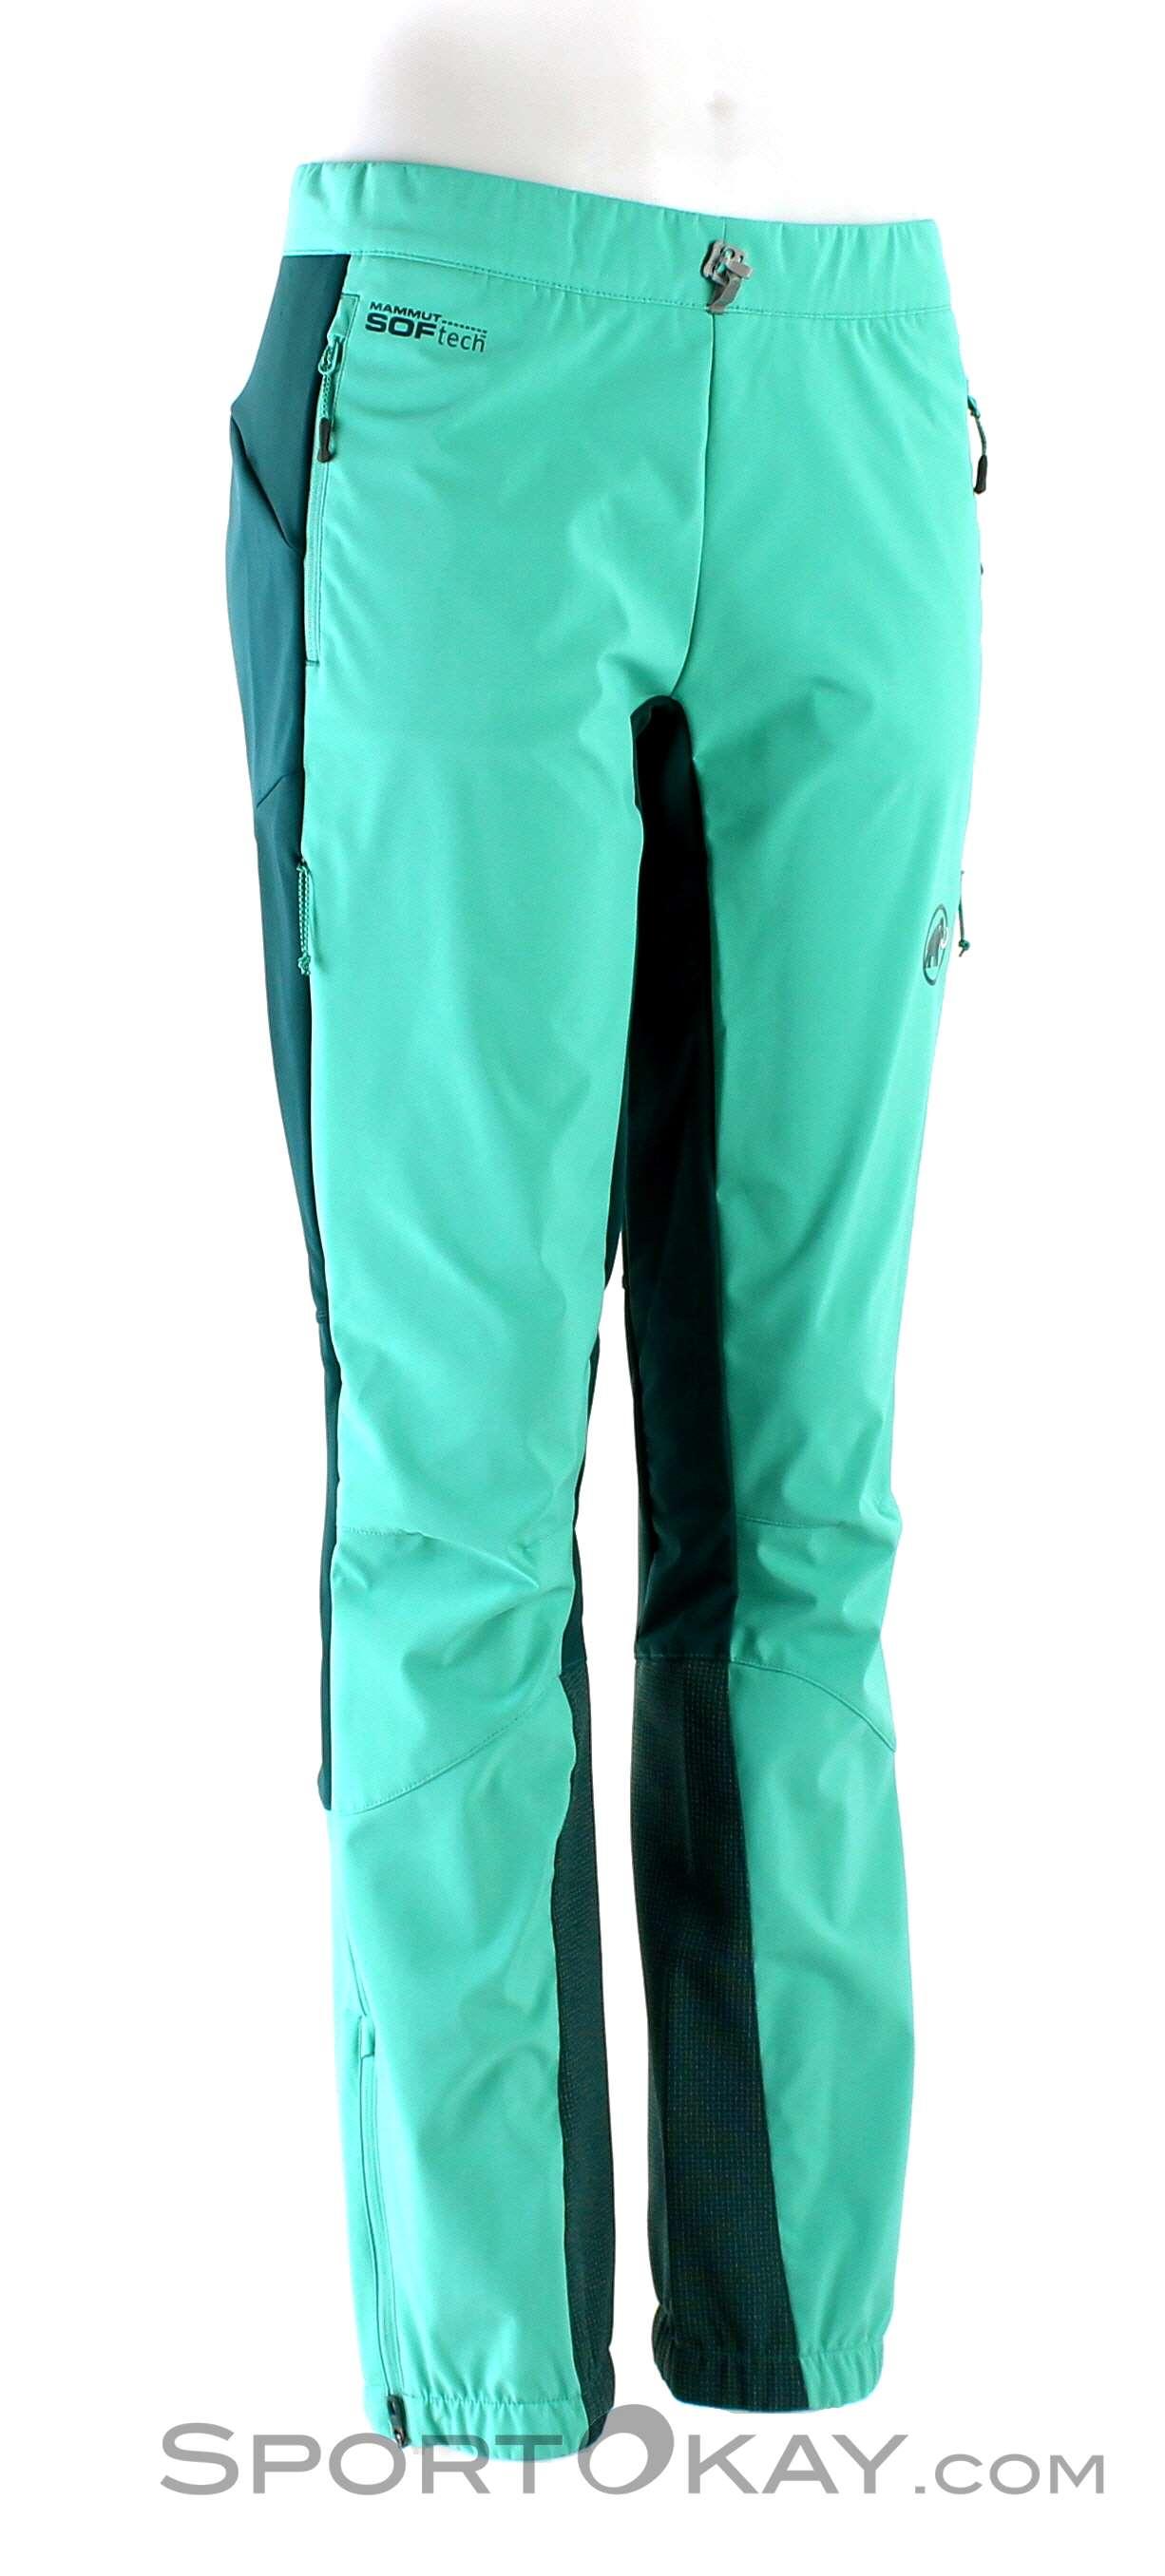 Niedriger Verkaufspreis Vielzahl von Designs und Farben stylistisches Aussehen Mammut Mammut Botnica Pants Damen Tourenhose